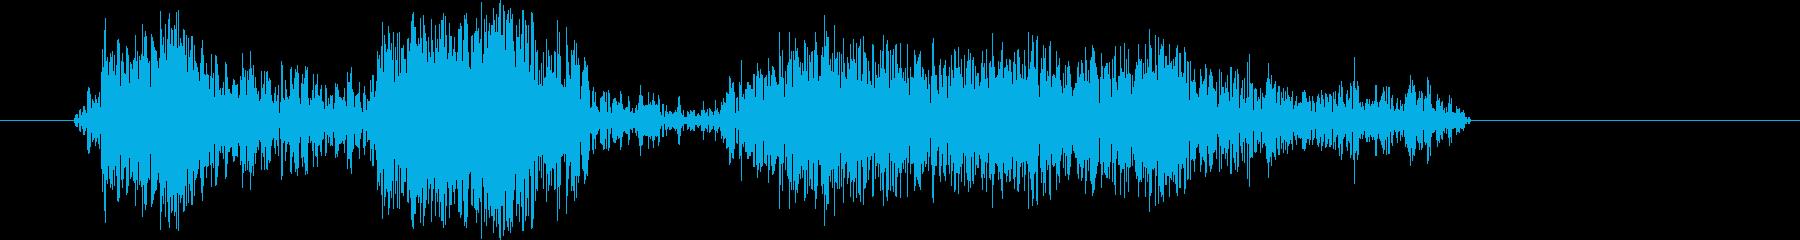 火球連続低周波ランブル;火の玉連続...の再生済みの波形